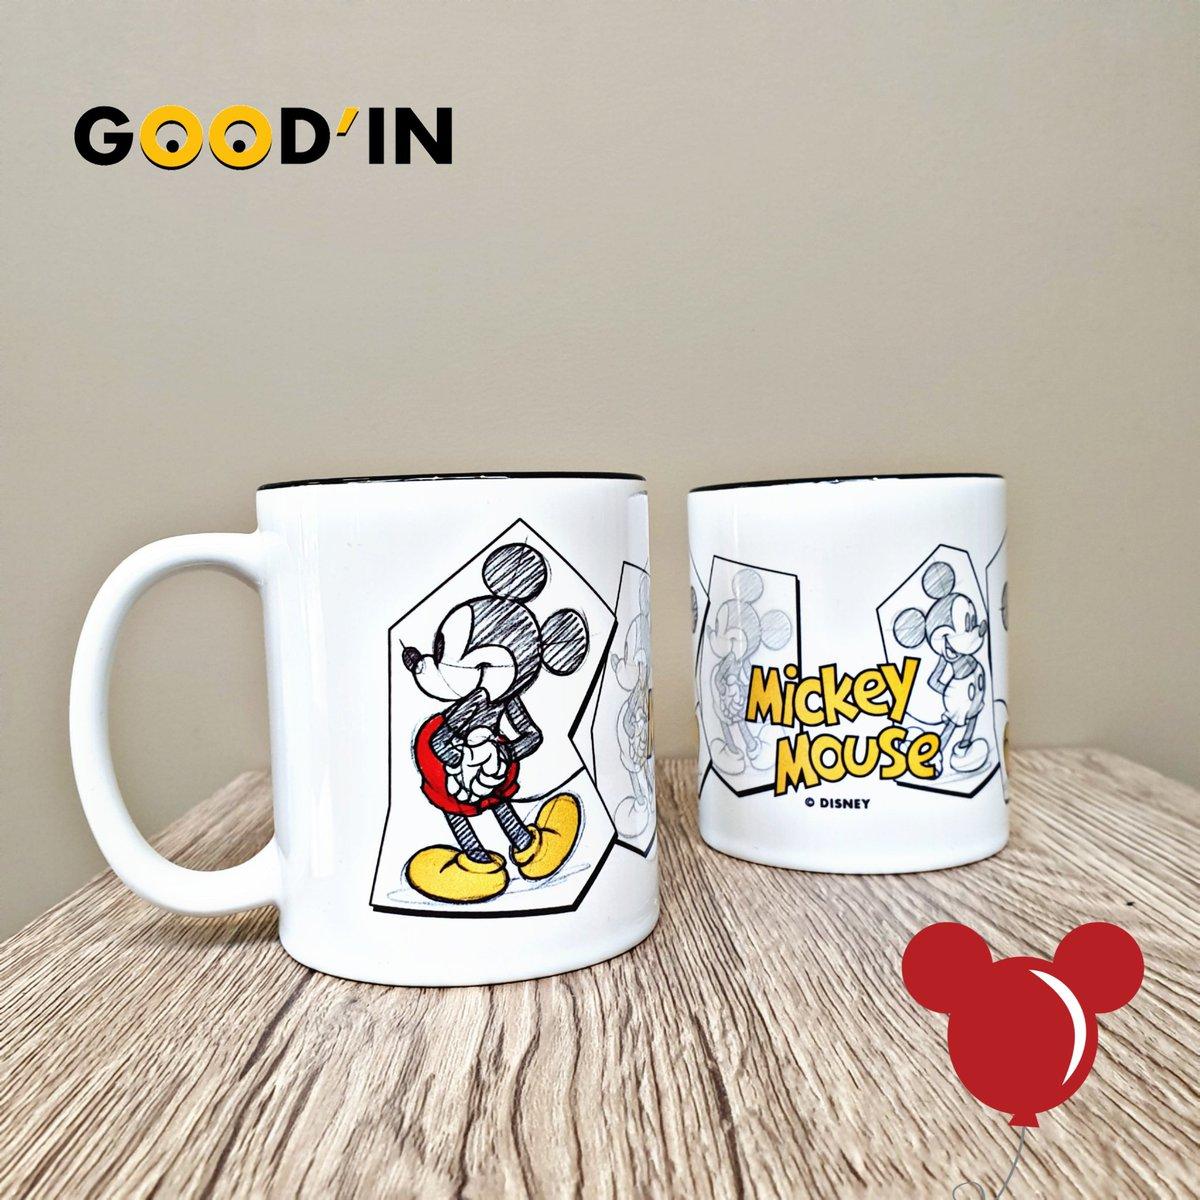 🚨ARRIVAGE GOODIES🚨 Profitez d'une café ou d'un petit-déjeuner #disney dans ce superbe #mug par @_ABYstyle aux couleurs de #mickeymouse en version croquis 🤩 Disponible dès maintenant en boutique et sur  😉